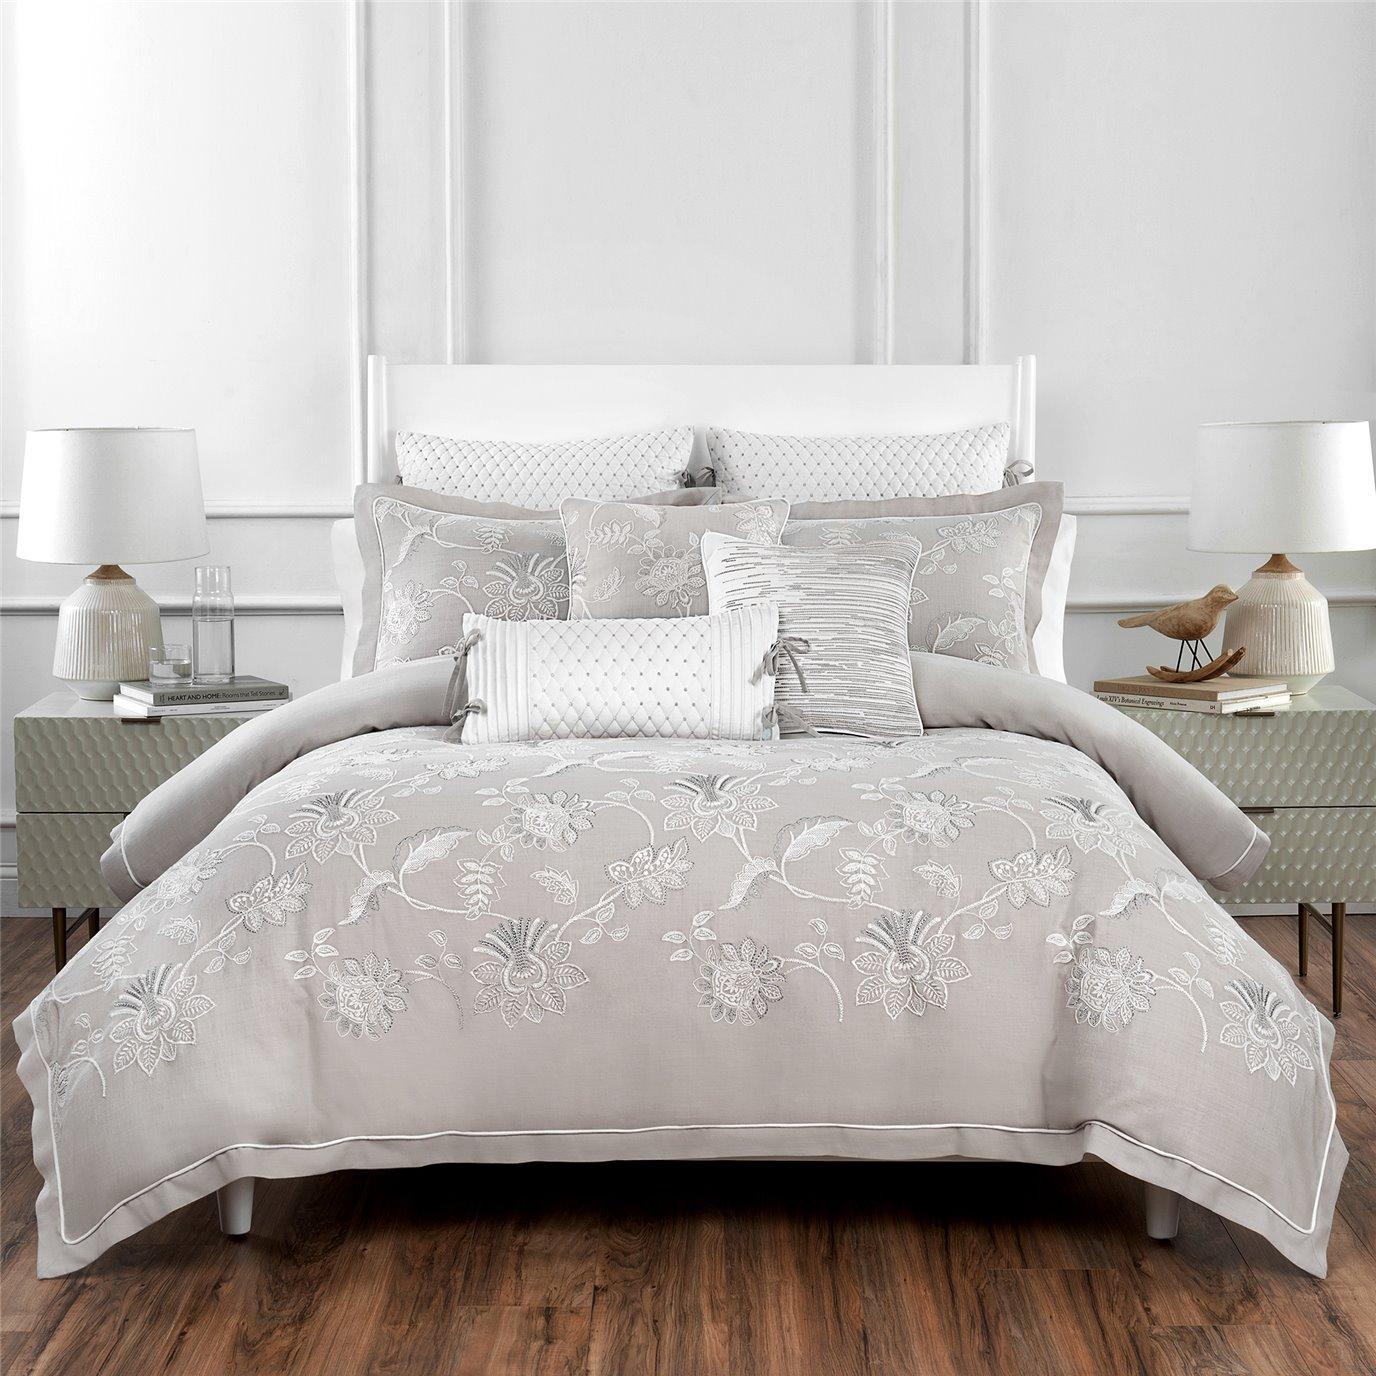 Croscill Penelope 3-piece Queen Comforter Set